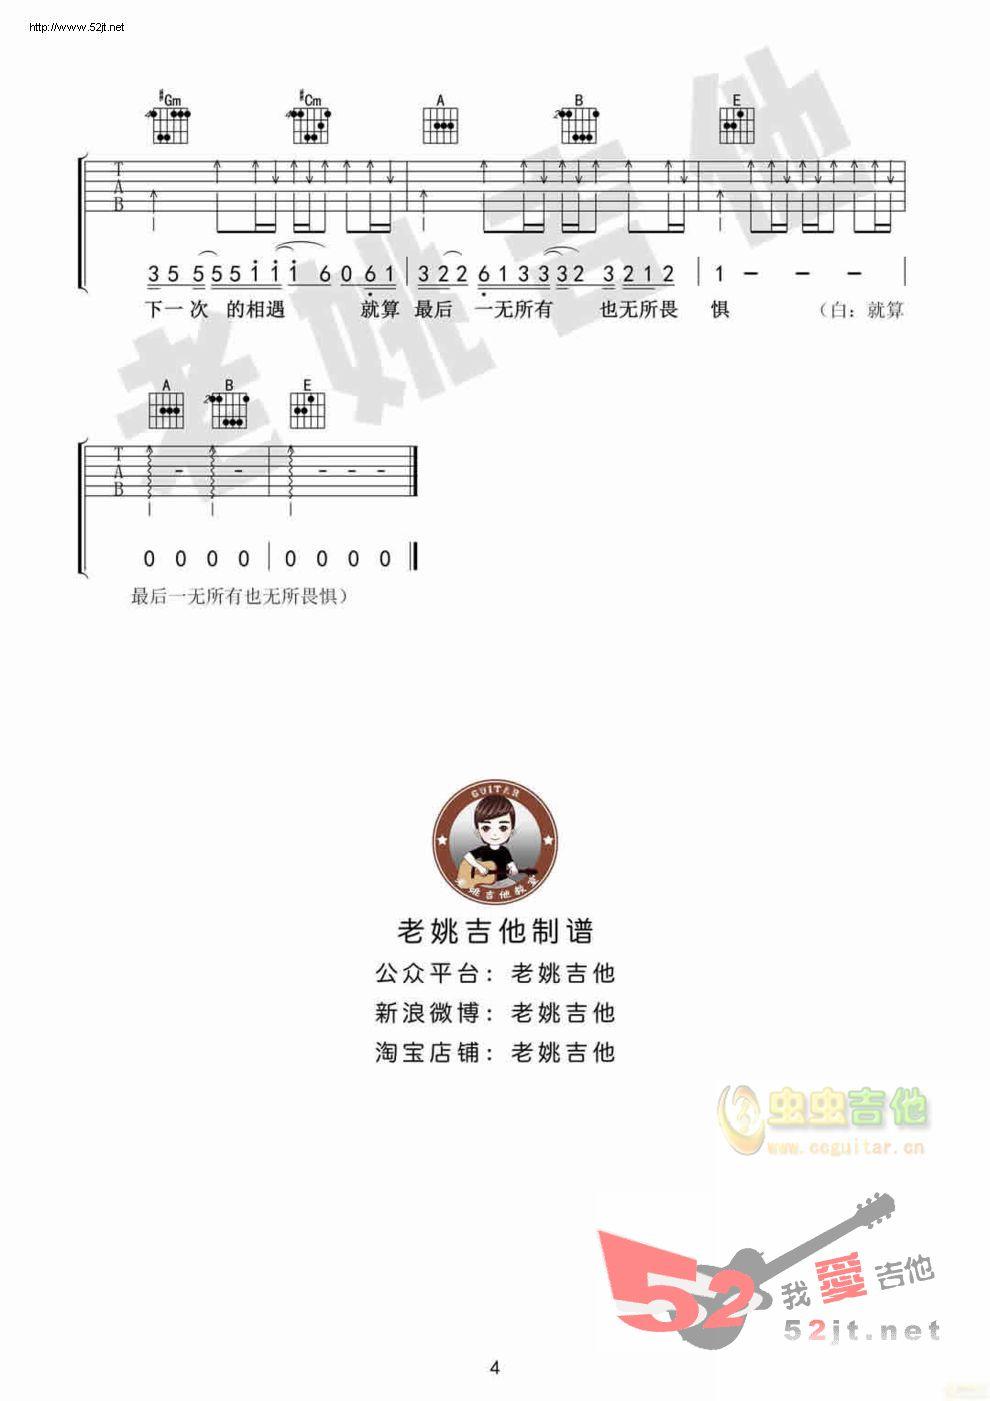 广东雨神《广东爱情故事》最喜欢前小白唱的版本 弹唱图片谱 好久没发帖了